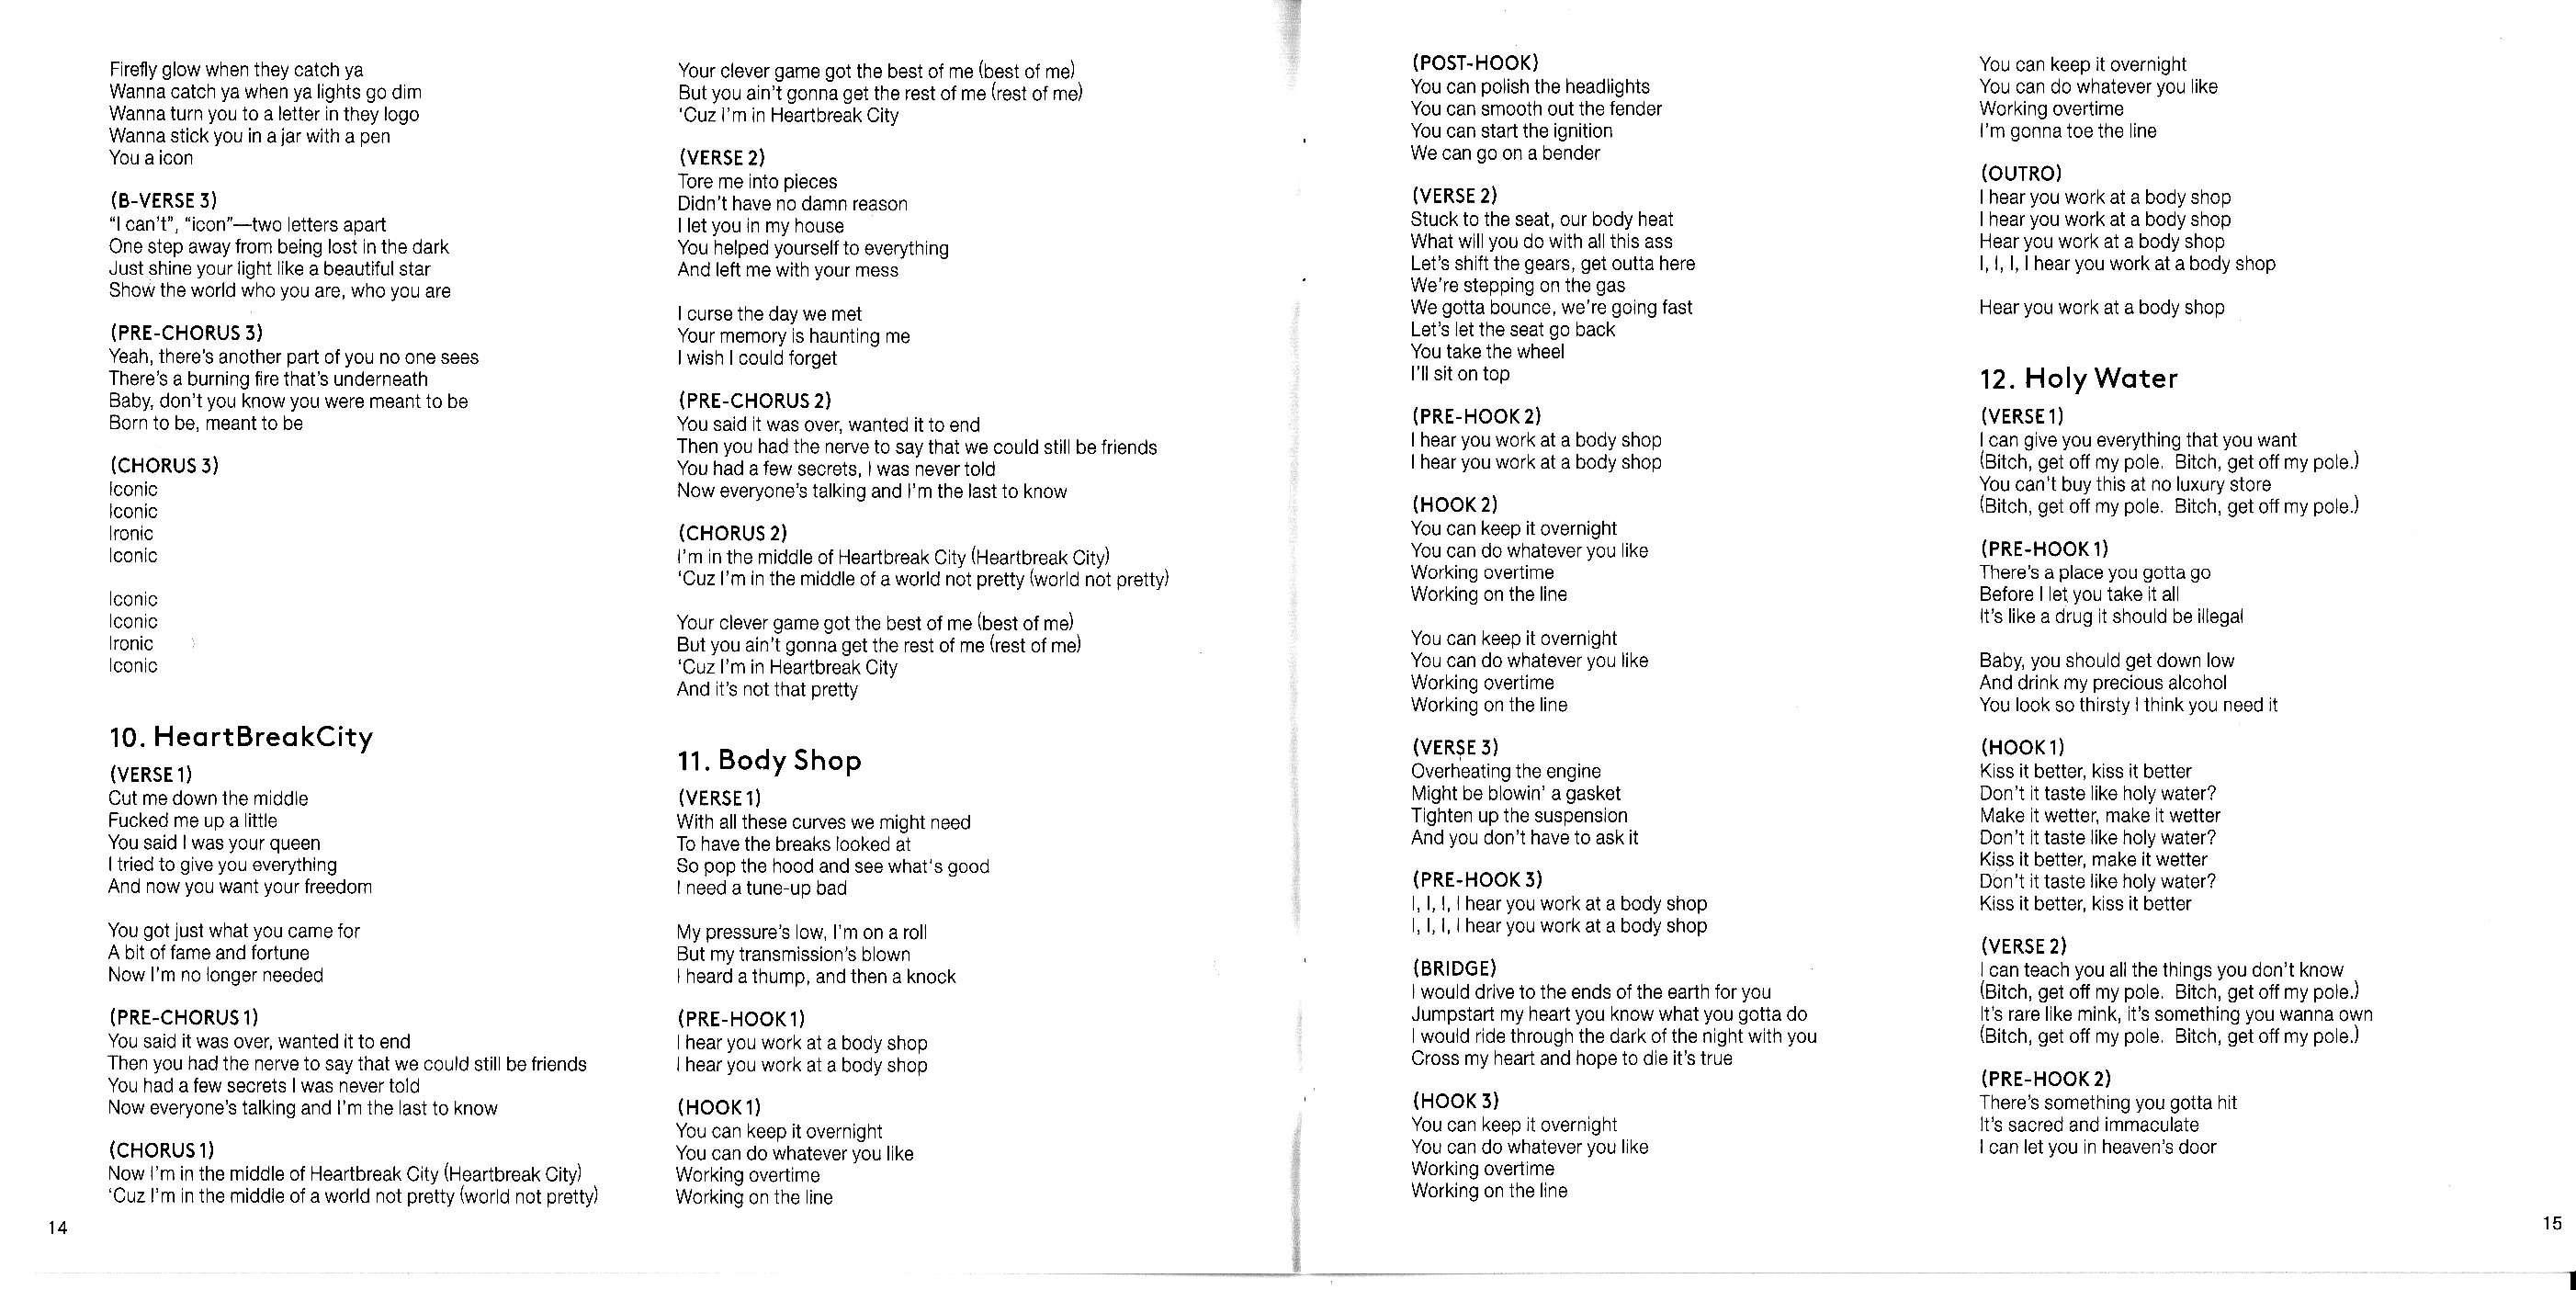 Madonna Rebel Heart Japanese Version - Scans (18)